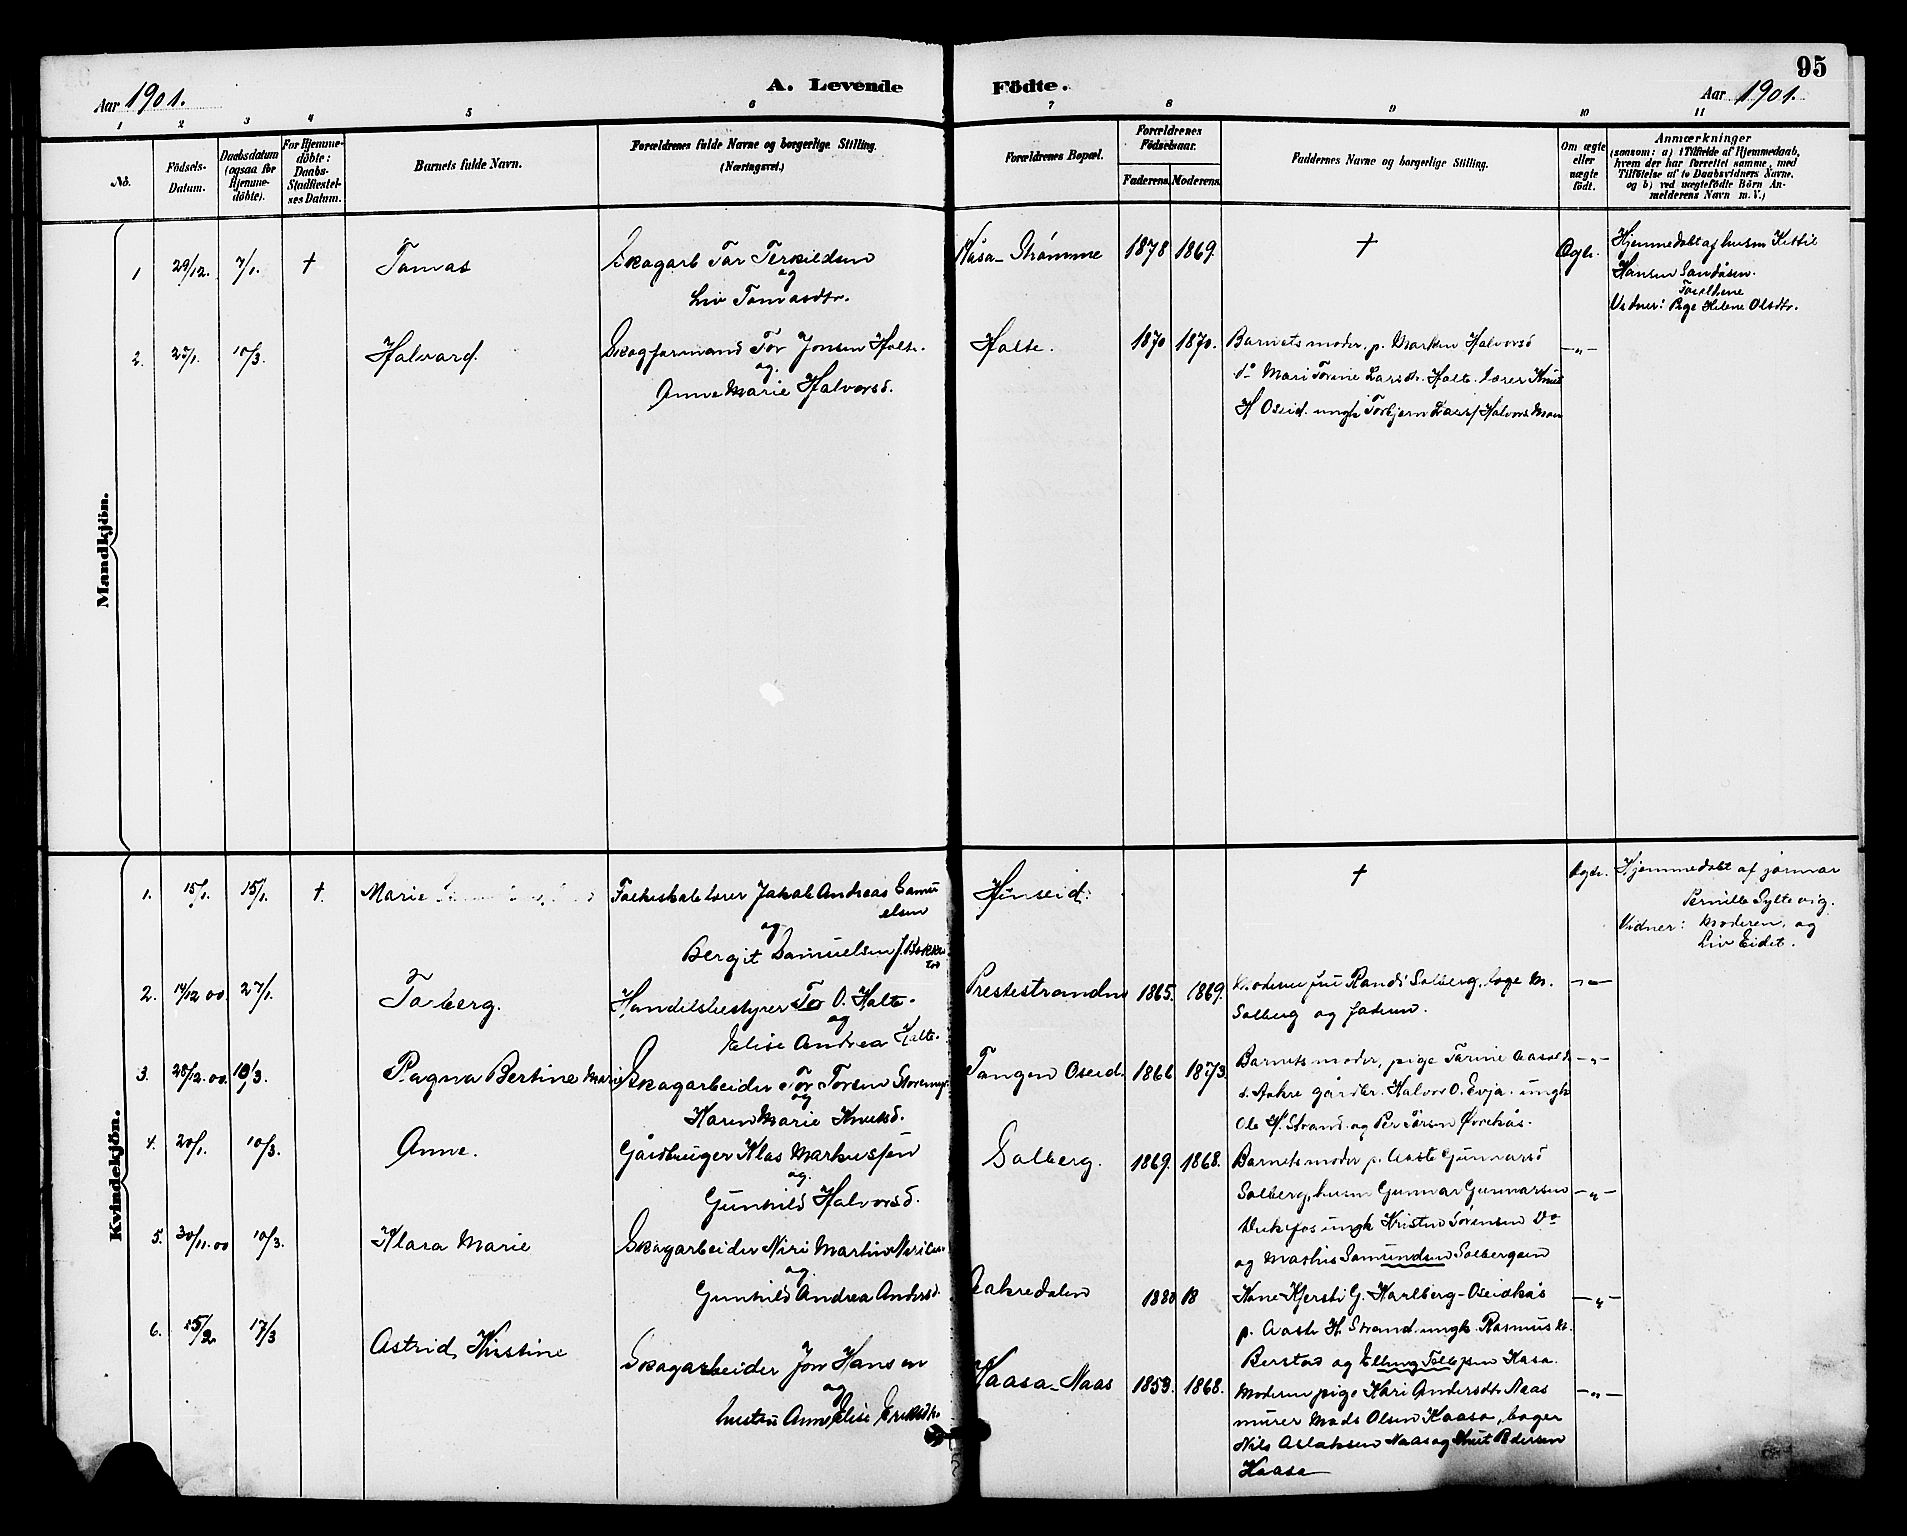 SAKO, Drangedal kirkebøker, G/Ga/L0003: Klokkerbok nr. I 3, 1887-1906, s. 95